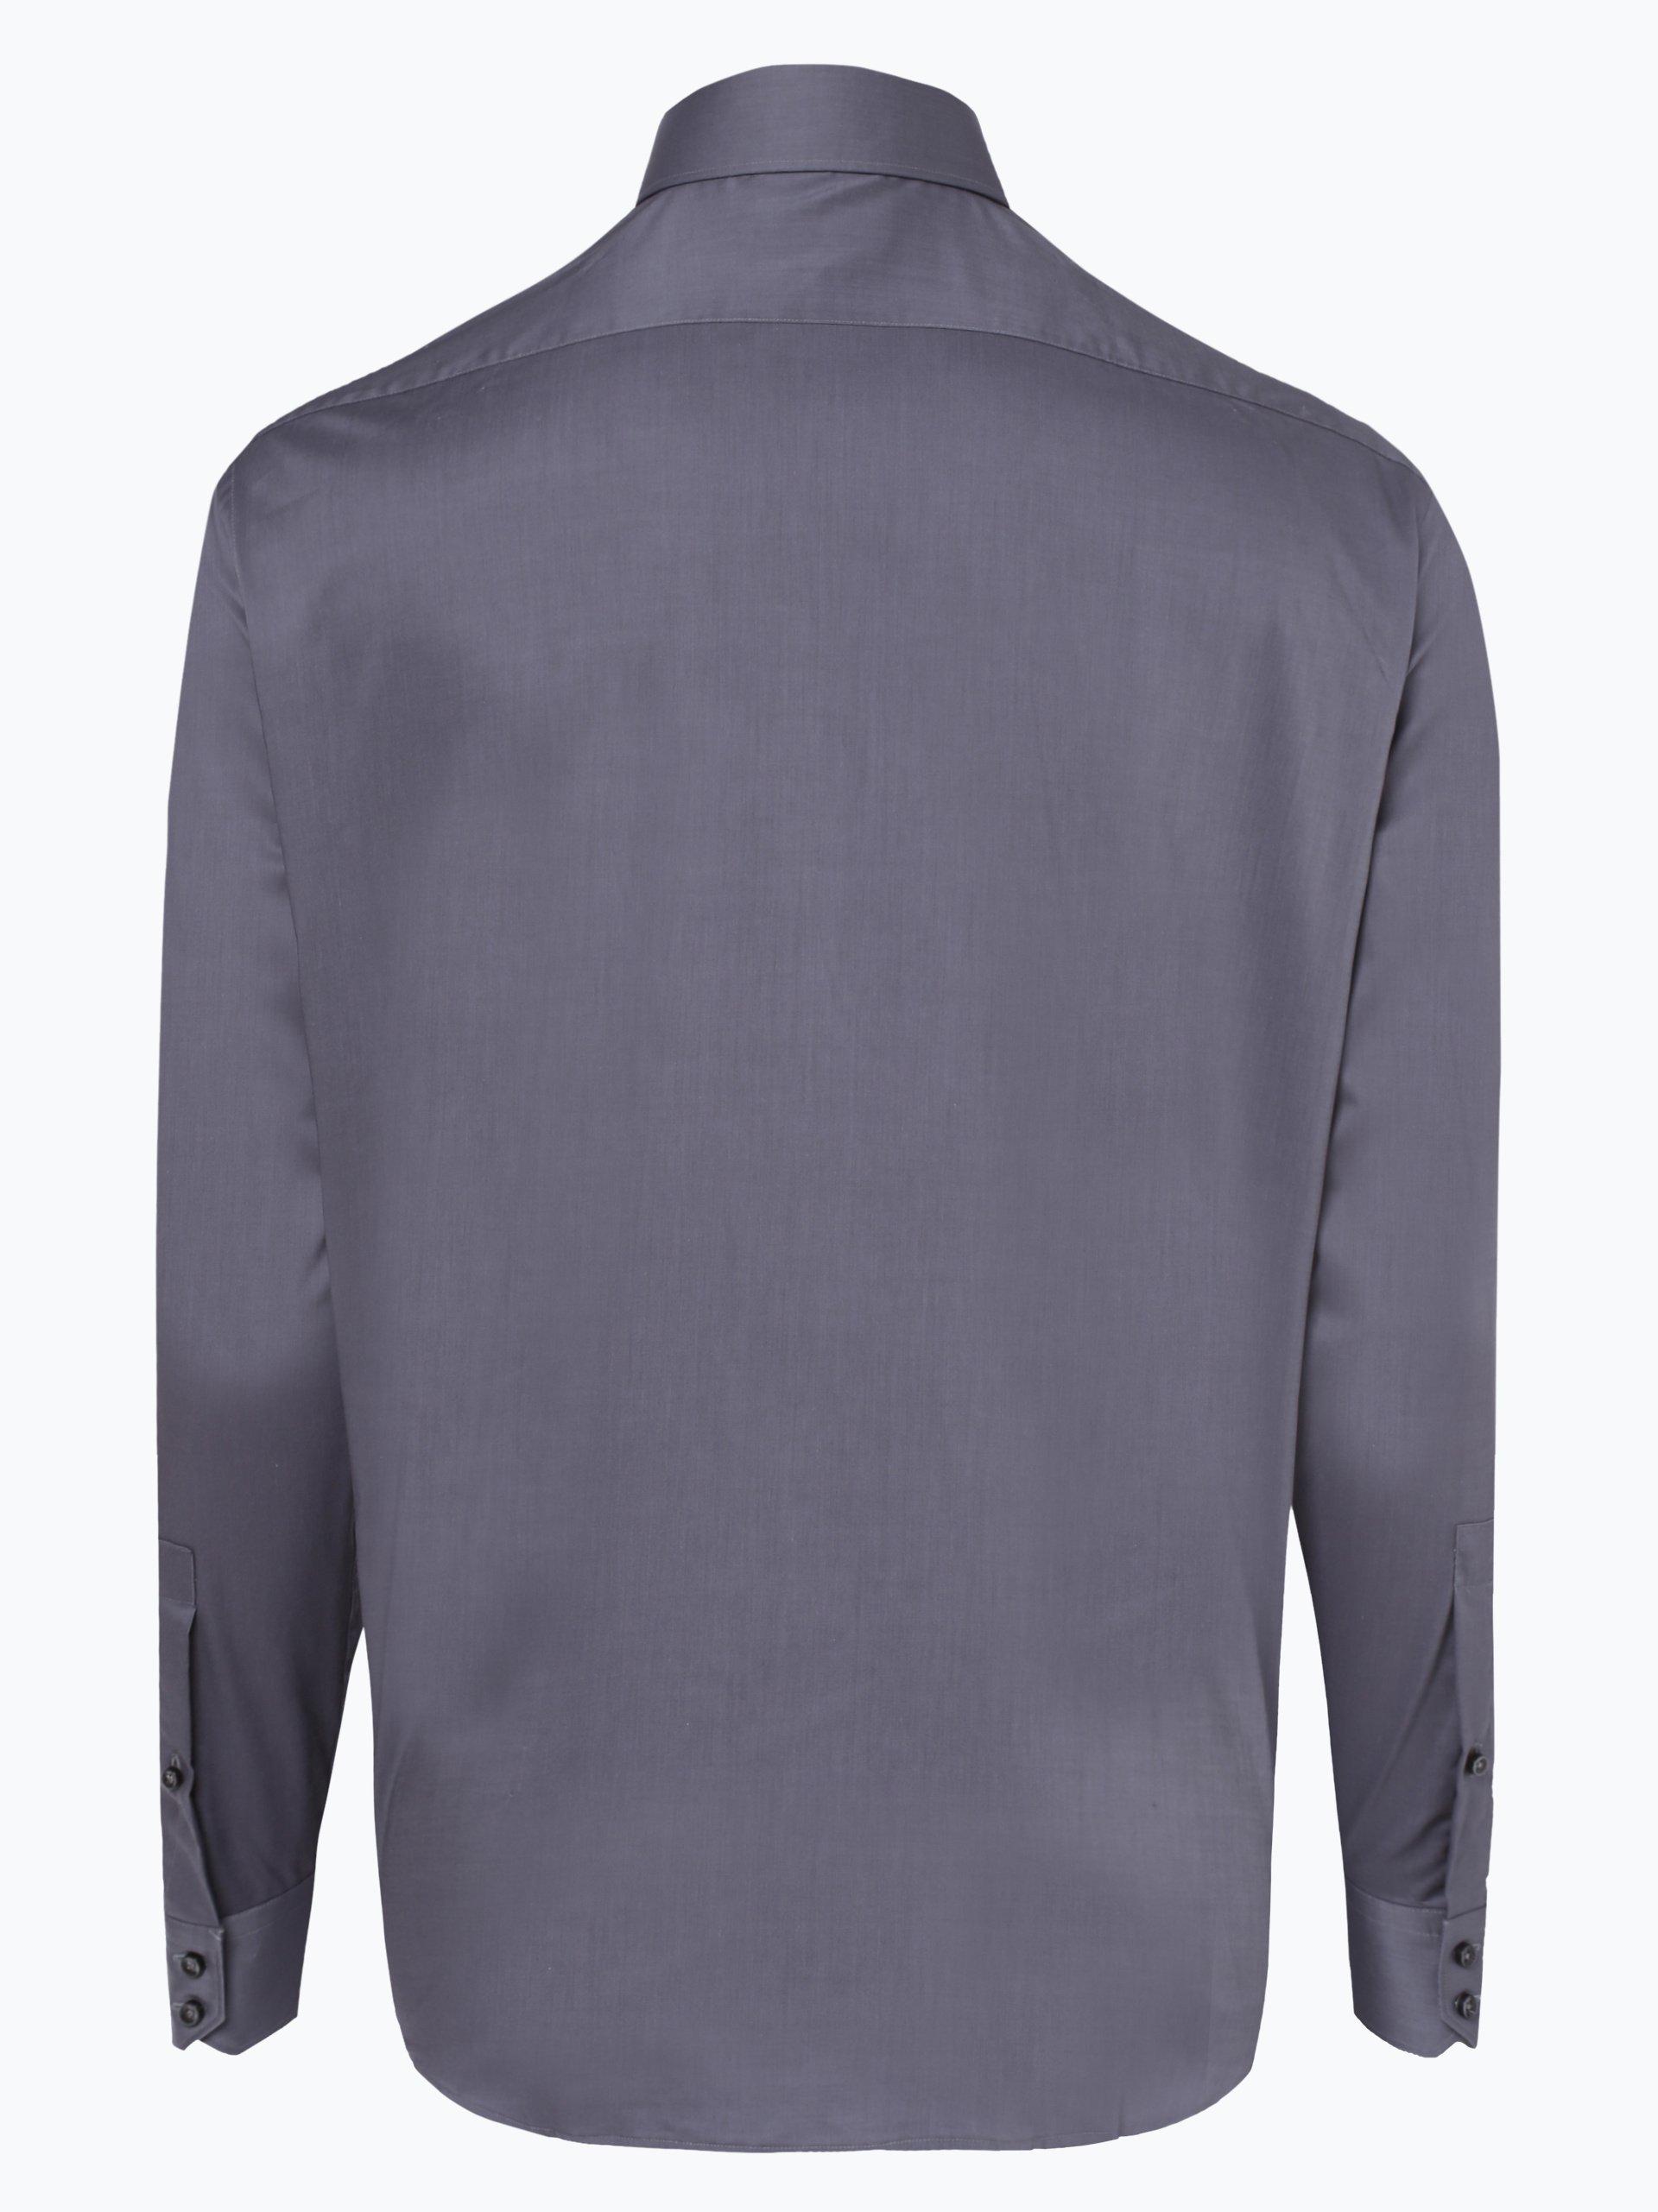 HUGO Herren Hemd Bügelleicht - Vepic